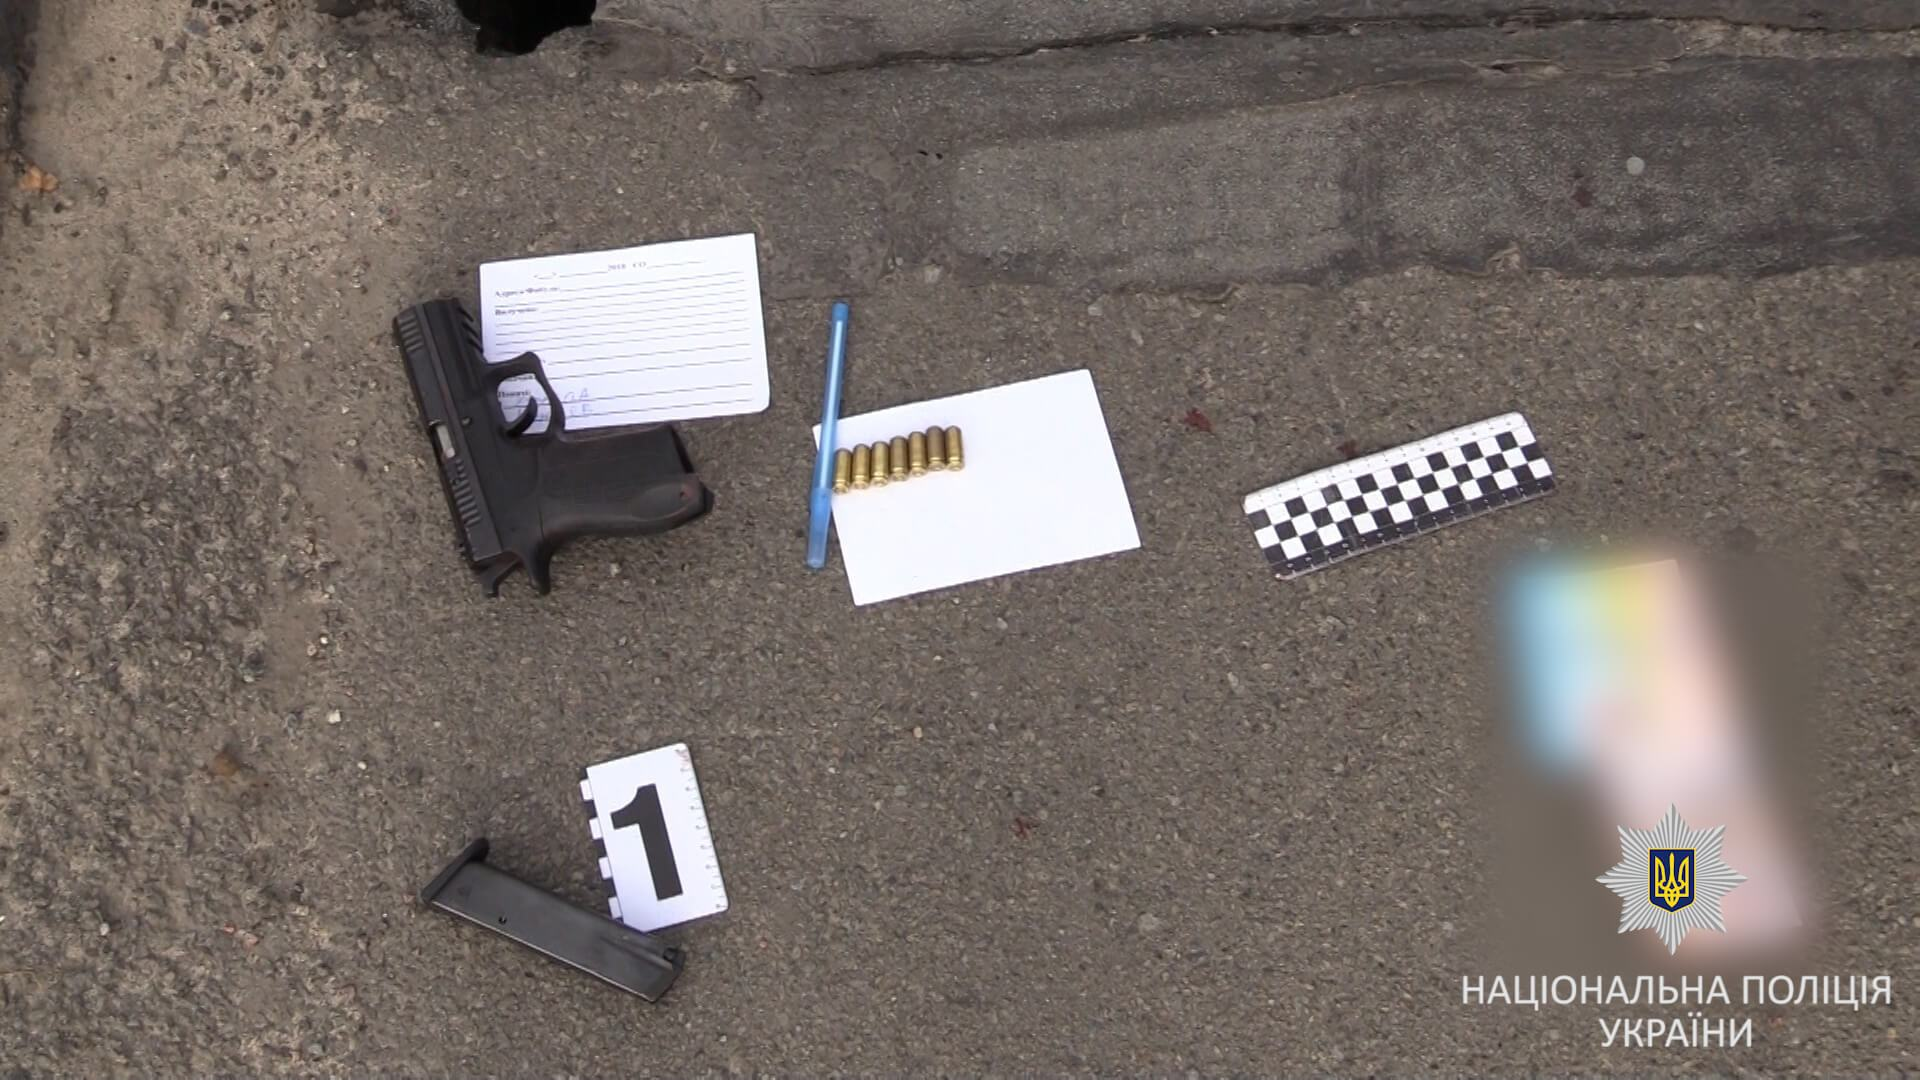 Кривава стрілянина в Києві: нові деталі